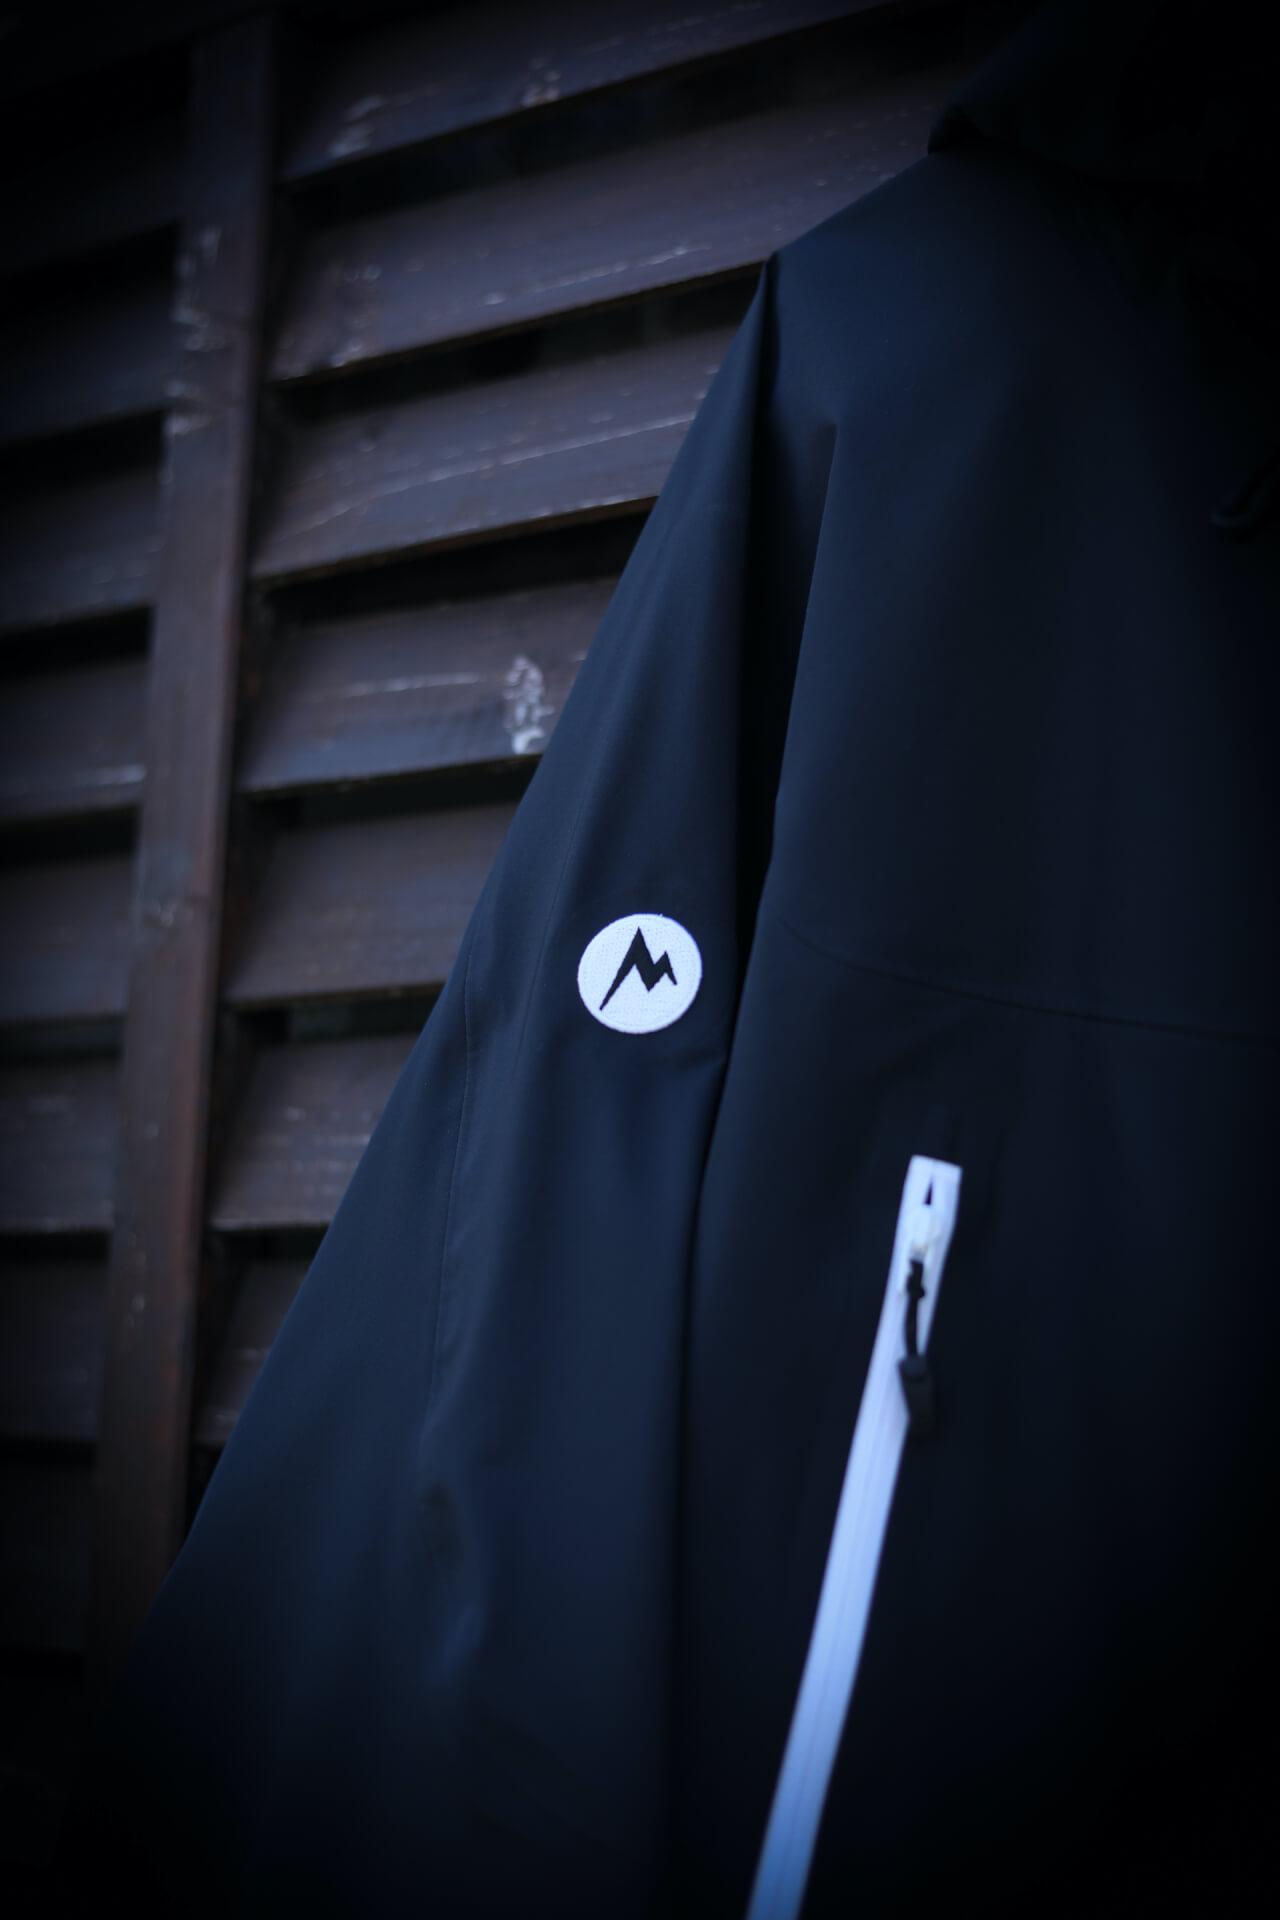 ARKnetsからMarmotに別注したゴアテックス3Lシェルジャケットが登場! fashion210819_marmot_1